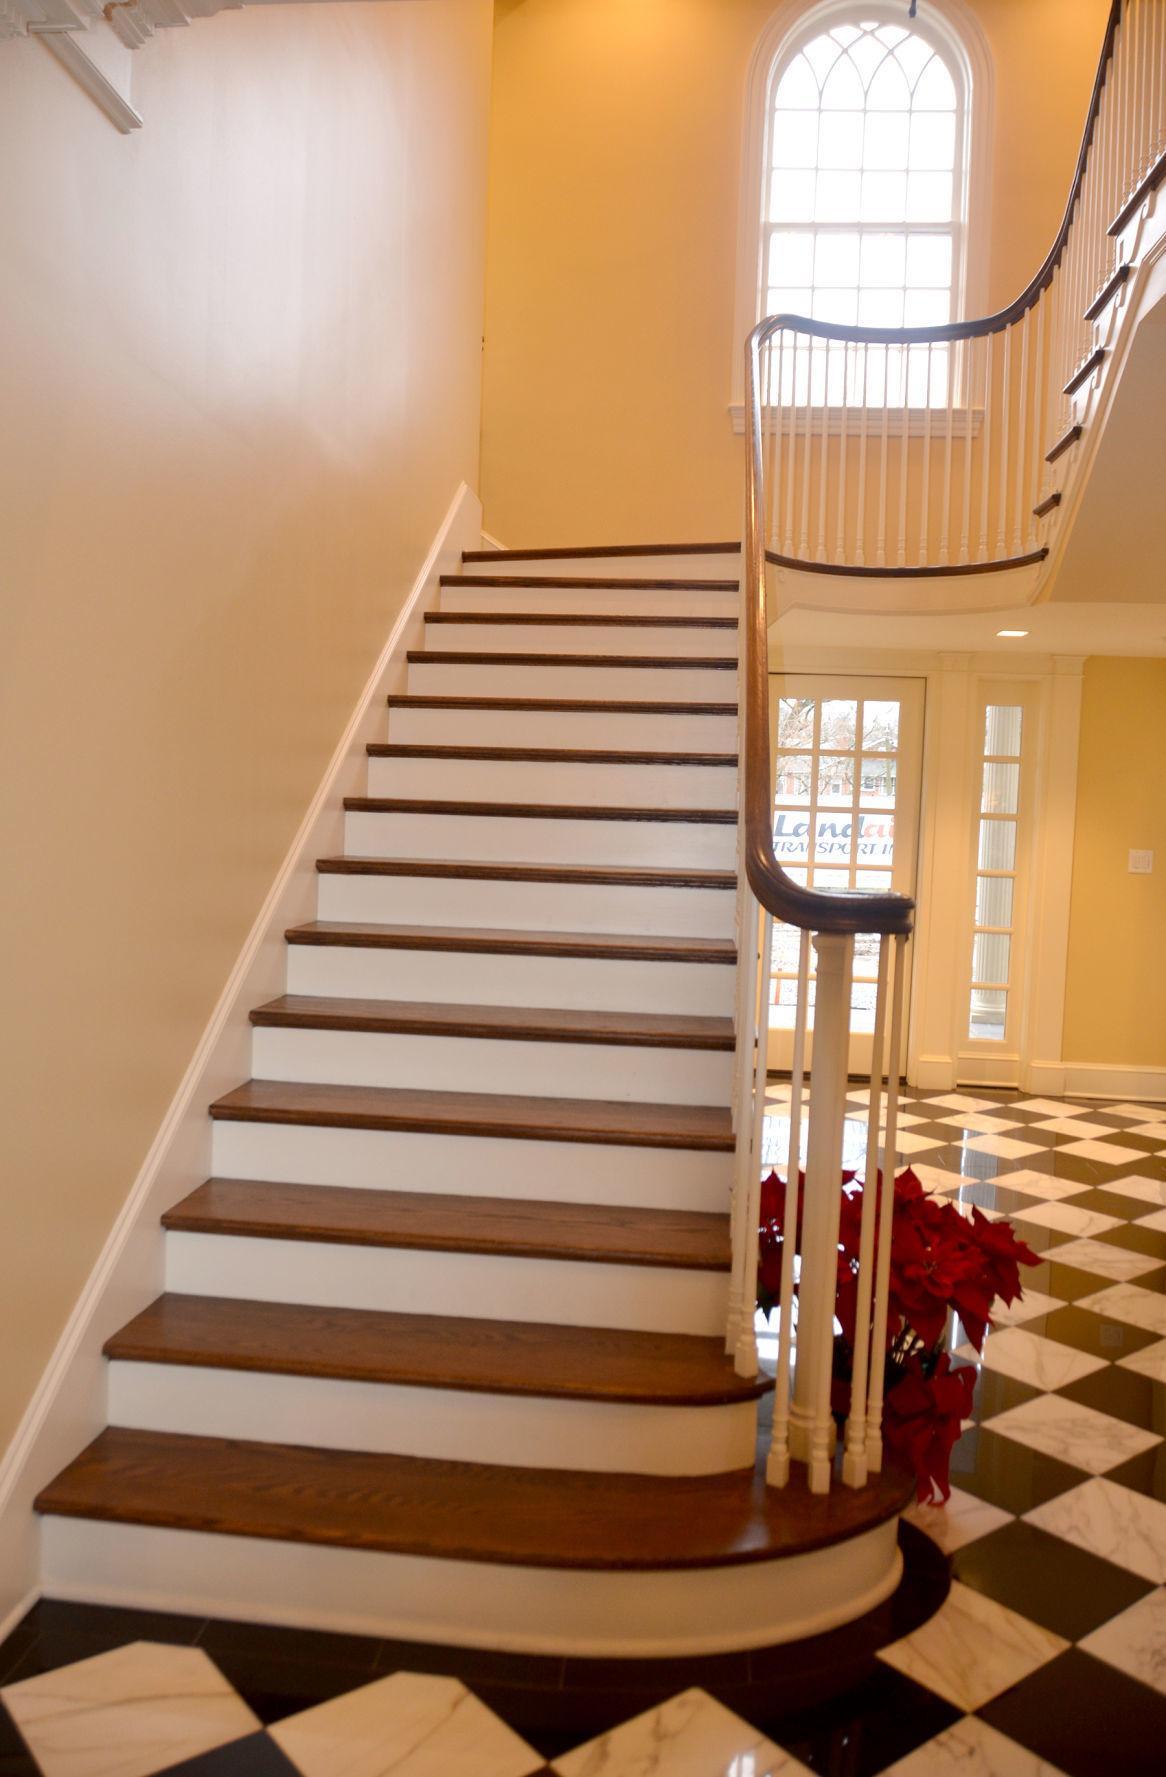 Niswonger Foundation stairwell